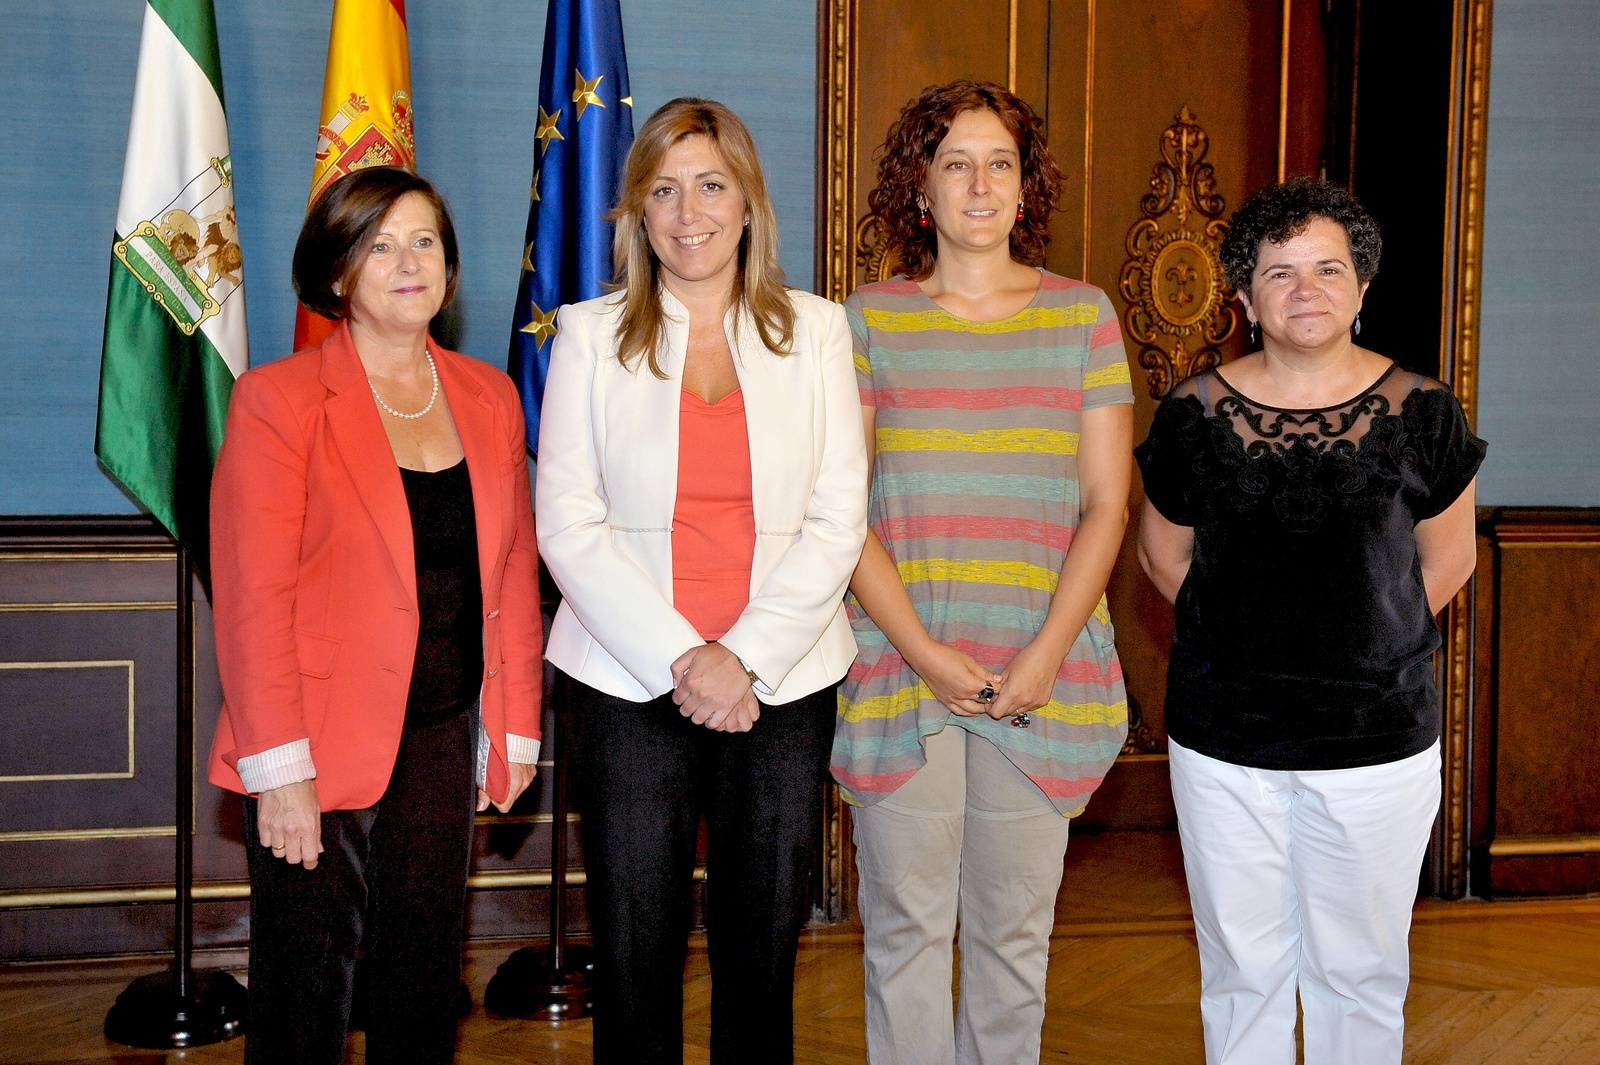 Díaz presidirá el Consejo Andaluz de Participación de las Mujeres para reforzar su apuesta por la igualdad de género